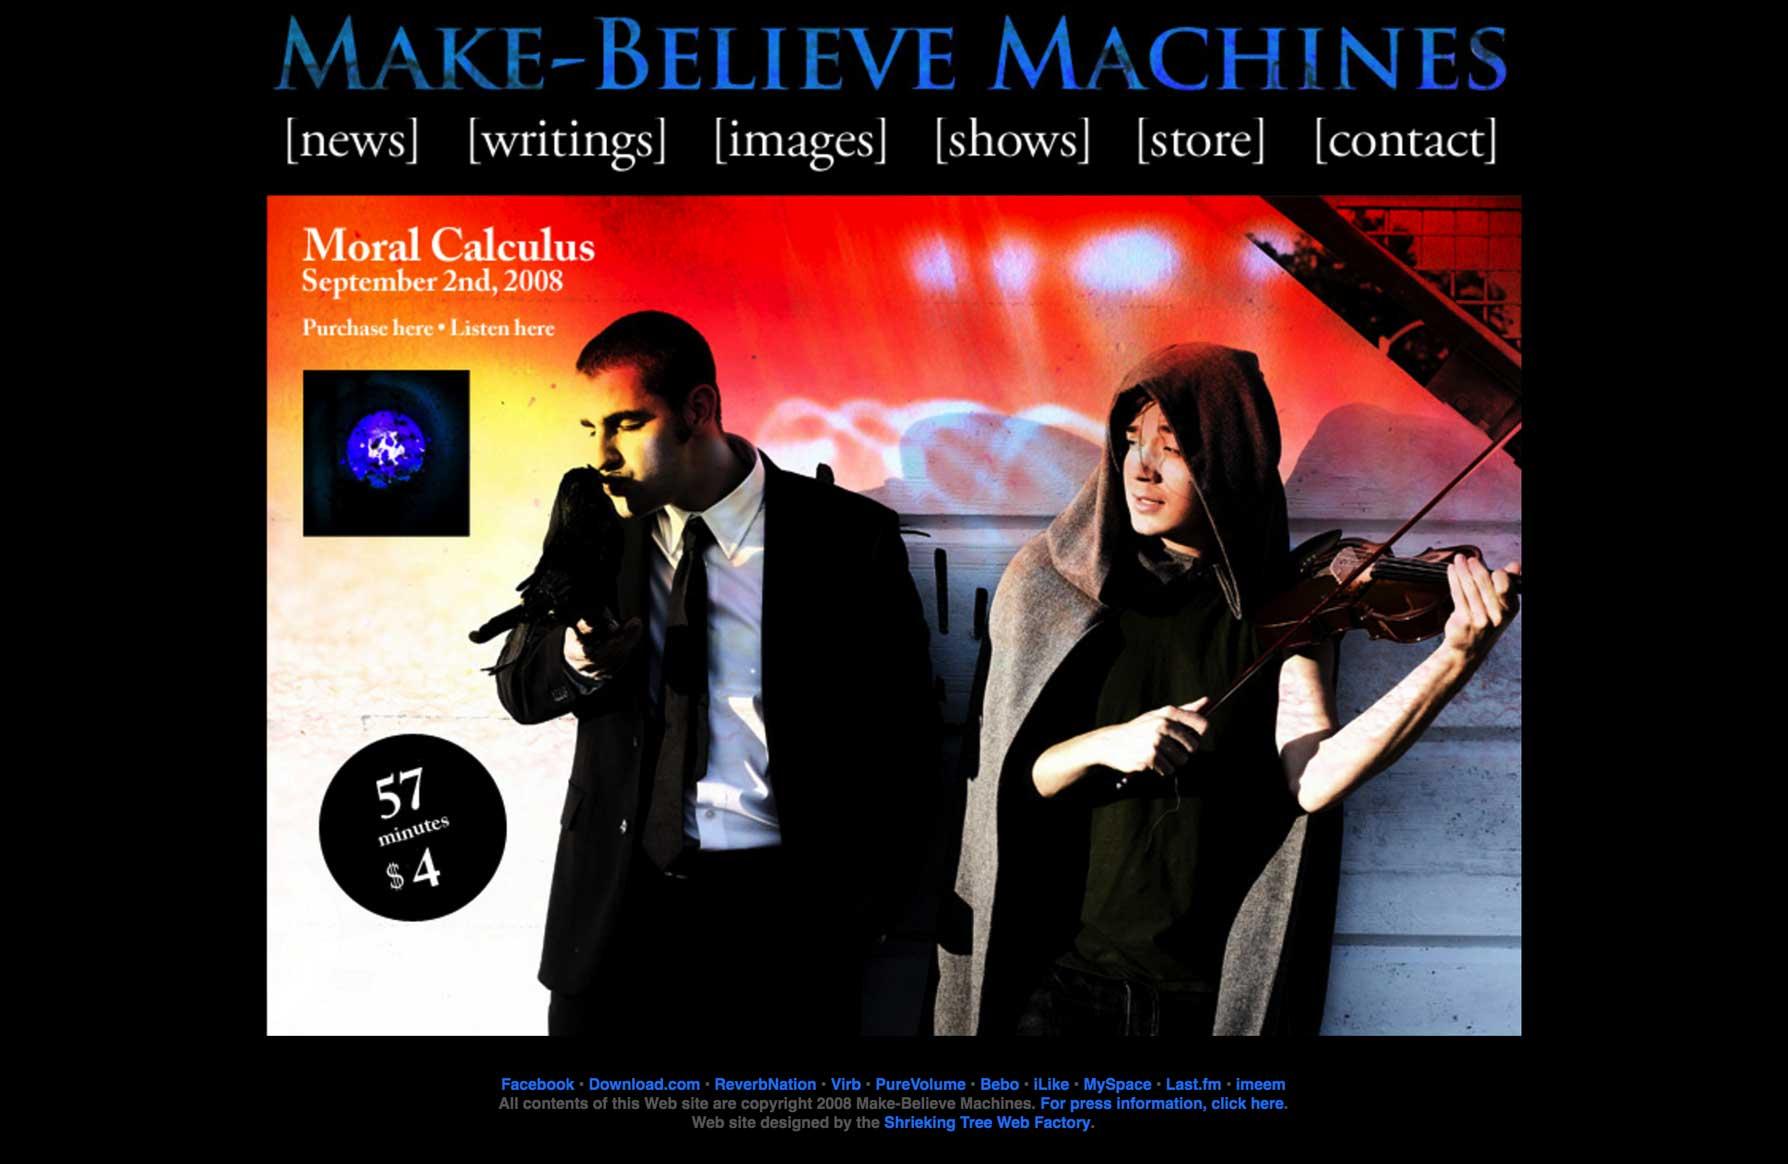 Make-Believe Machines